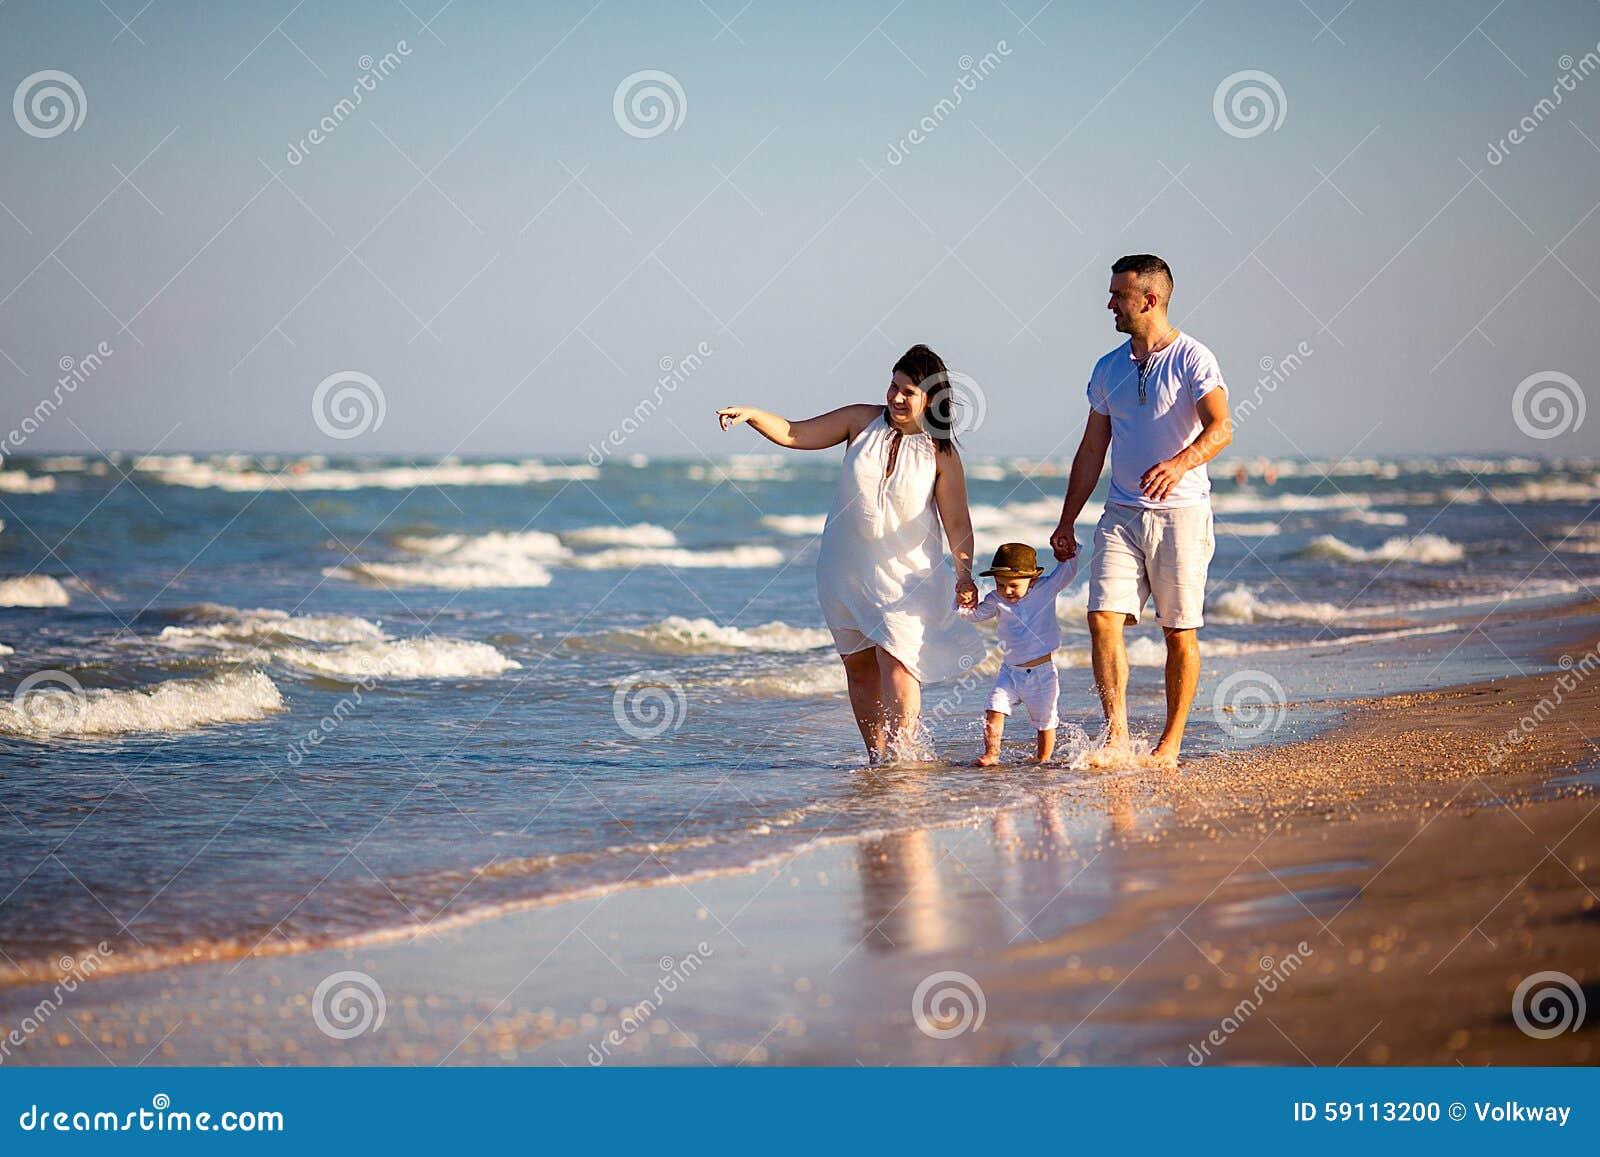 Jonge Jongen Die Bij Het Mooie Strand Loopt Stock Foto